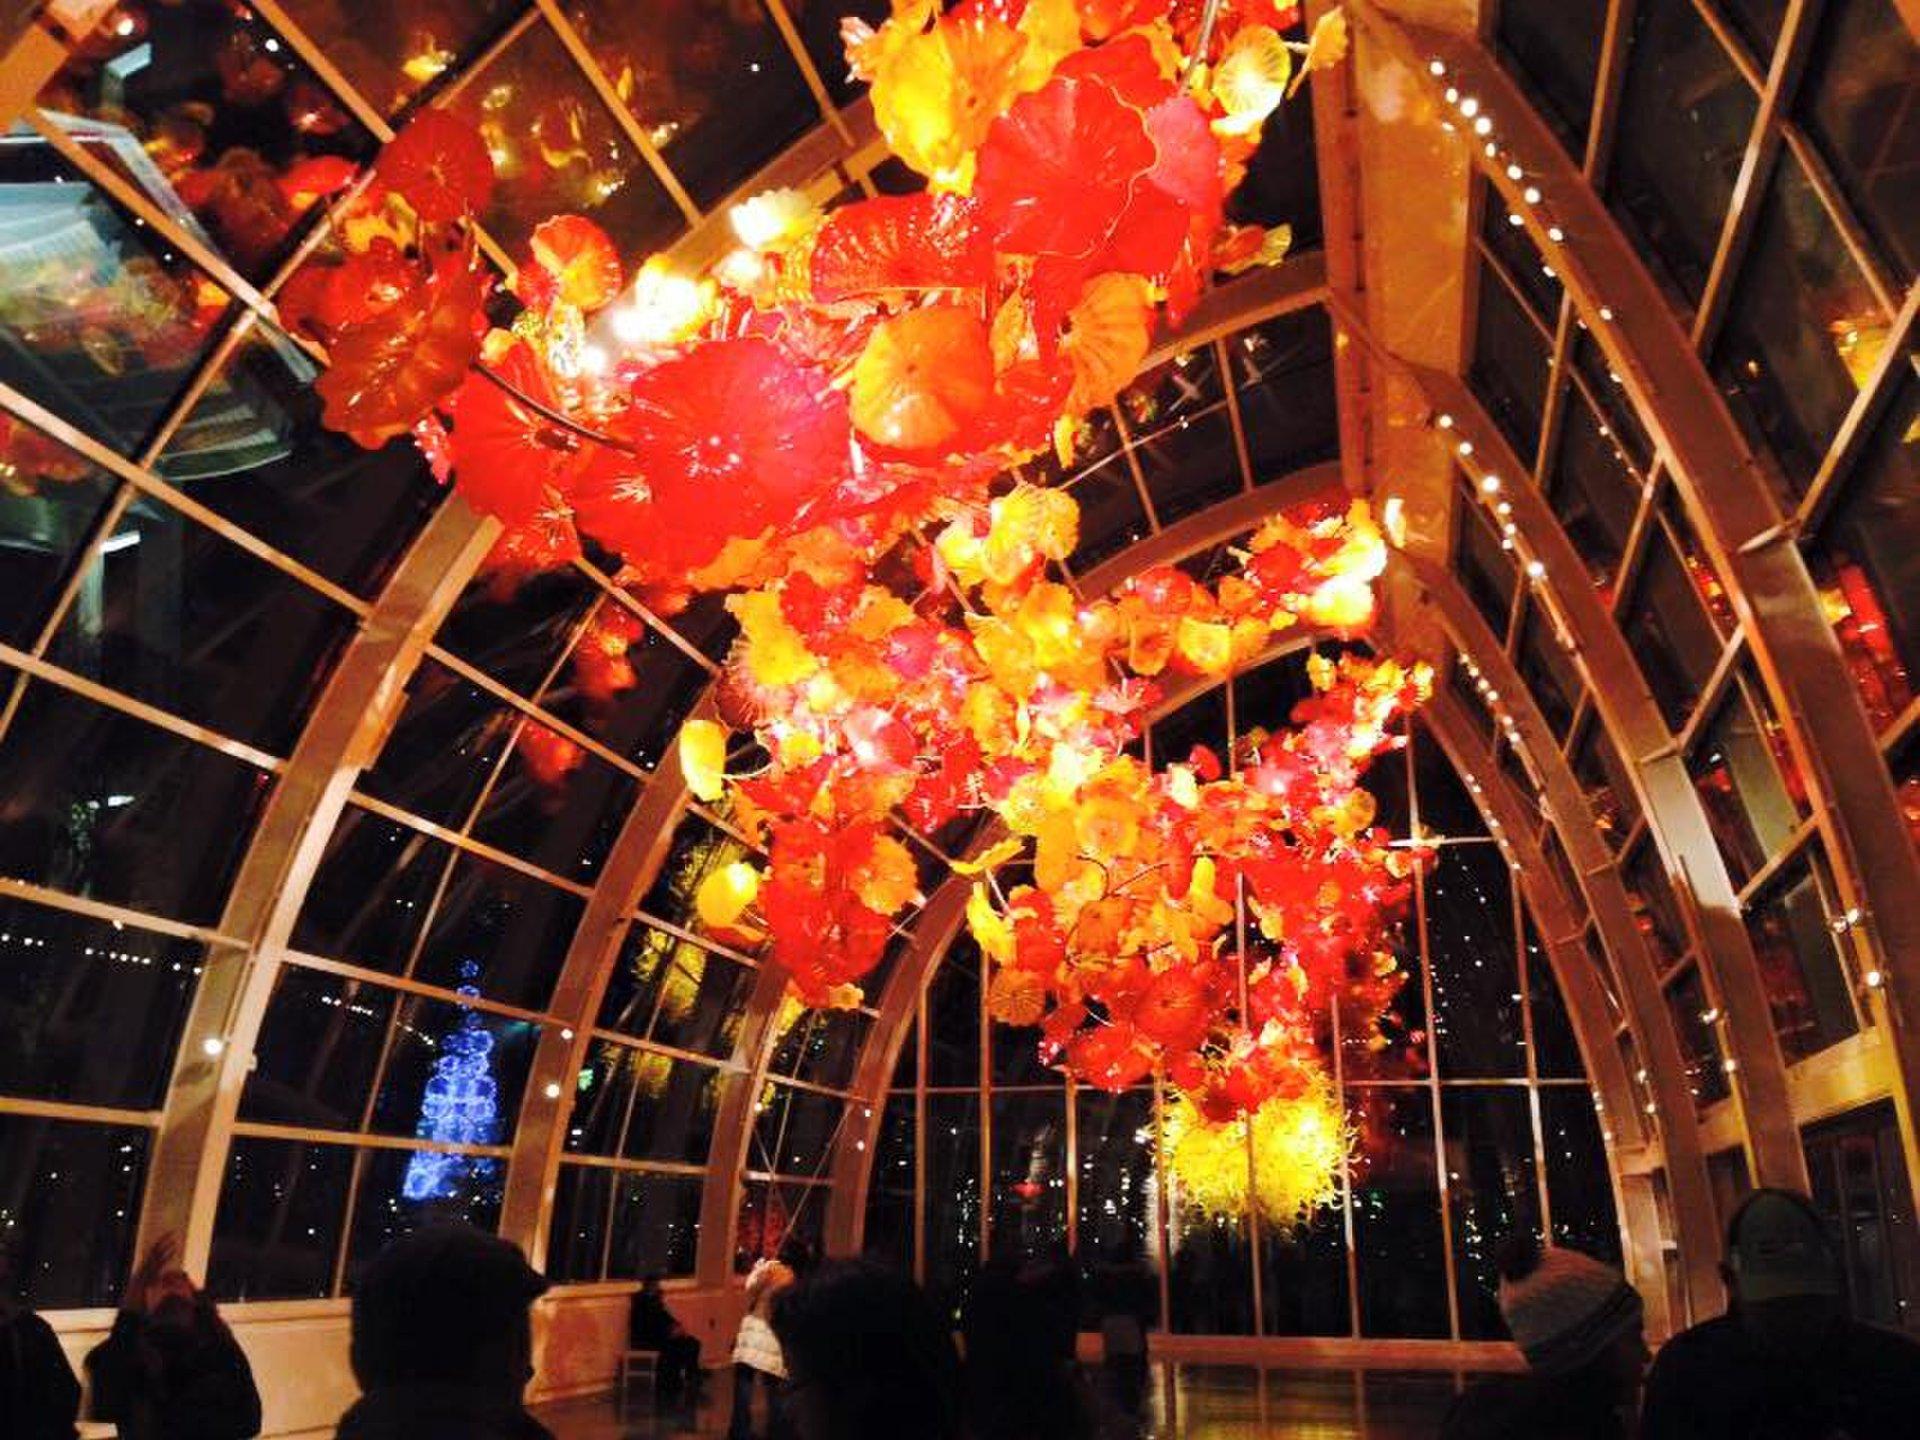 【アメリカ・シアトルで美しすぎる芸術】ガラス工芸の展示、CHIHULY(チフリー)